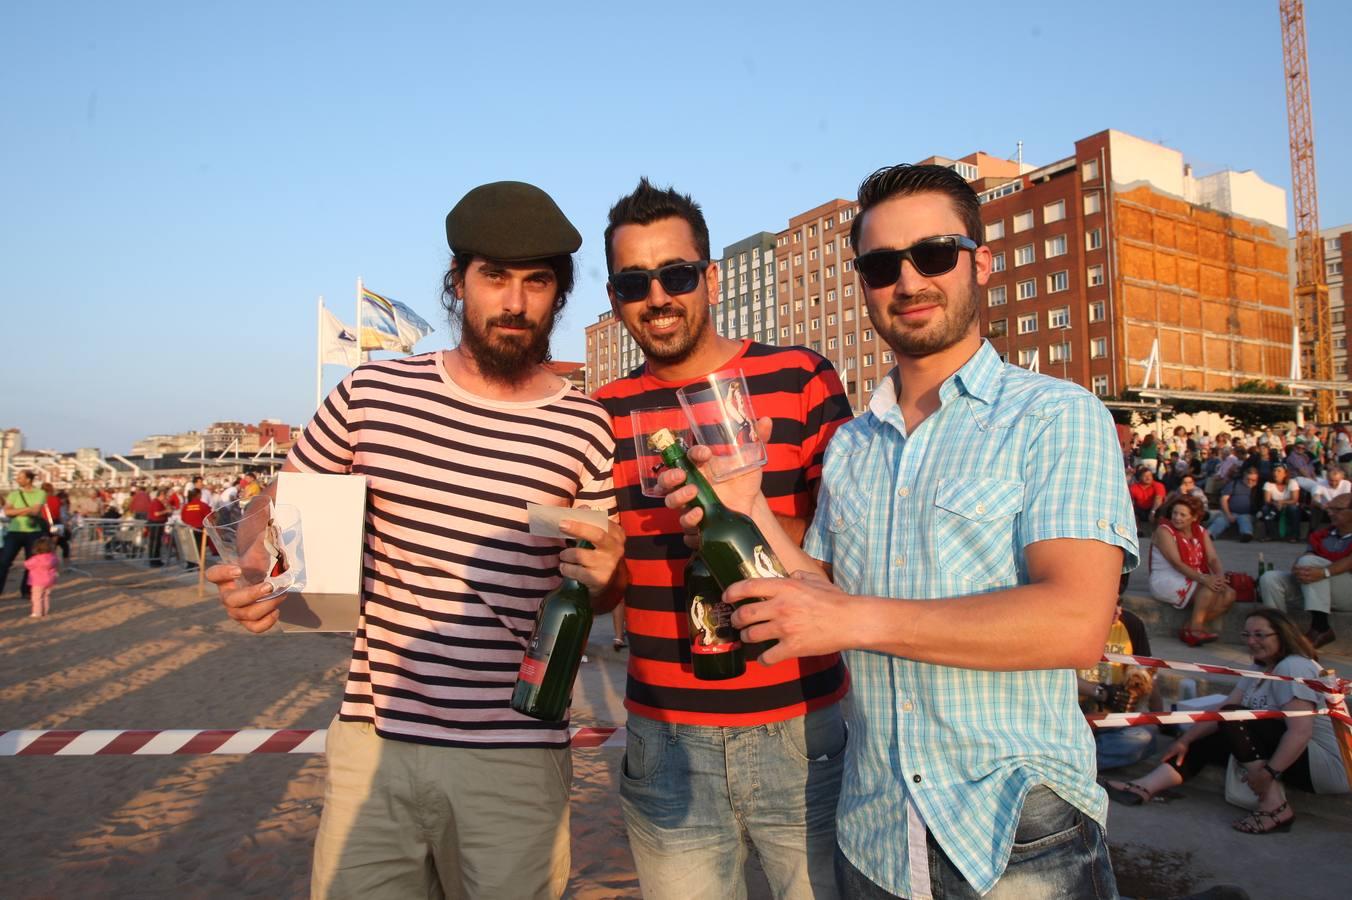 Todas las fotos del récord de escanciado de sidra en Gijón - Galería 23